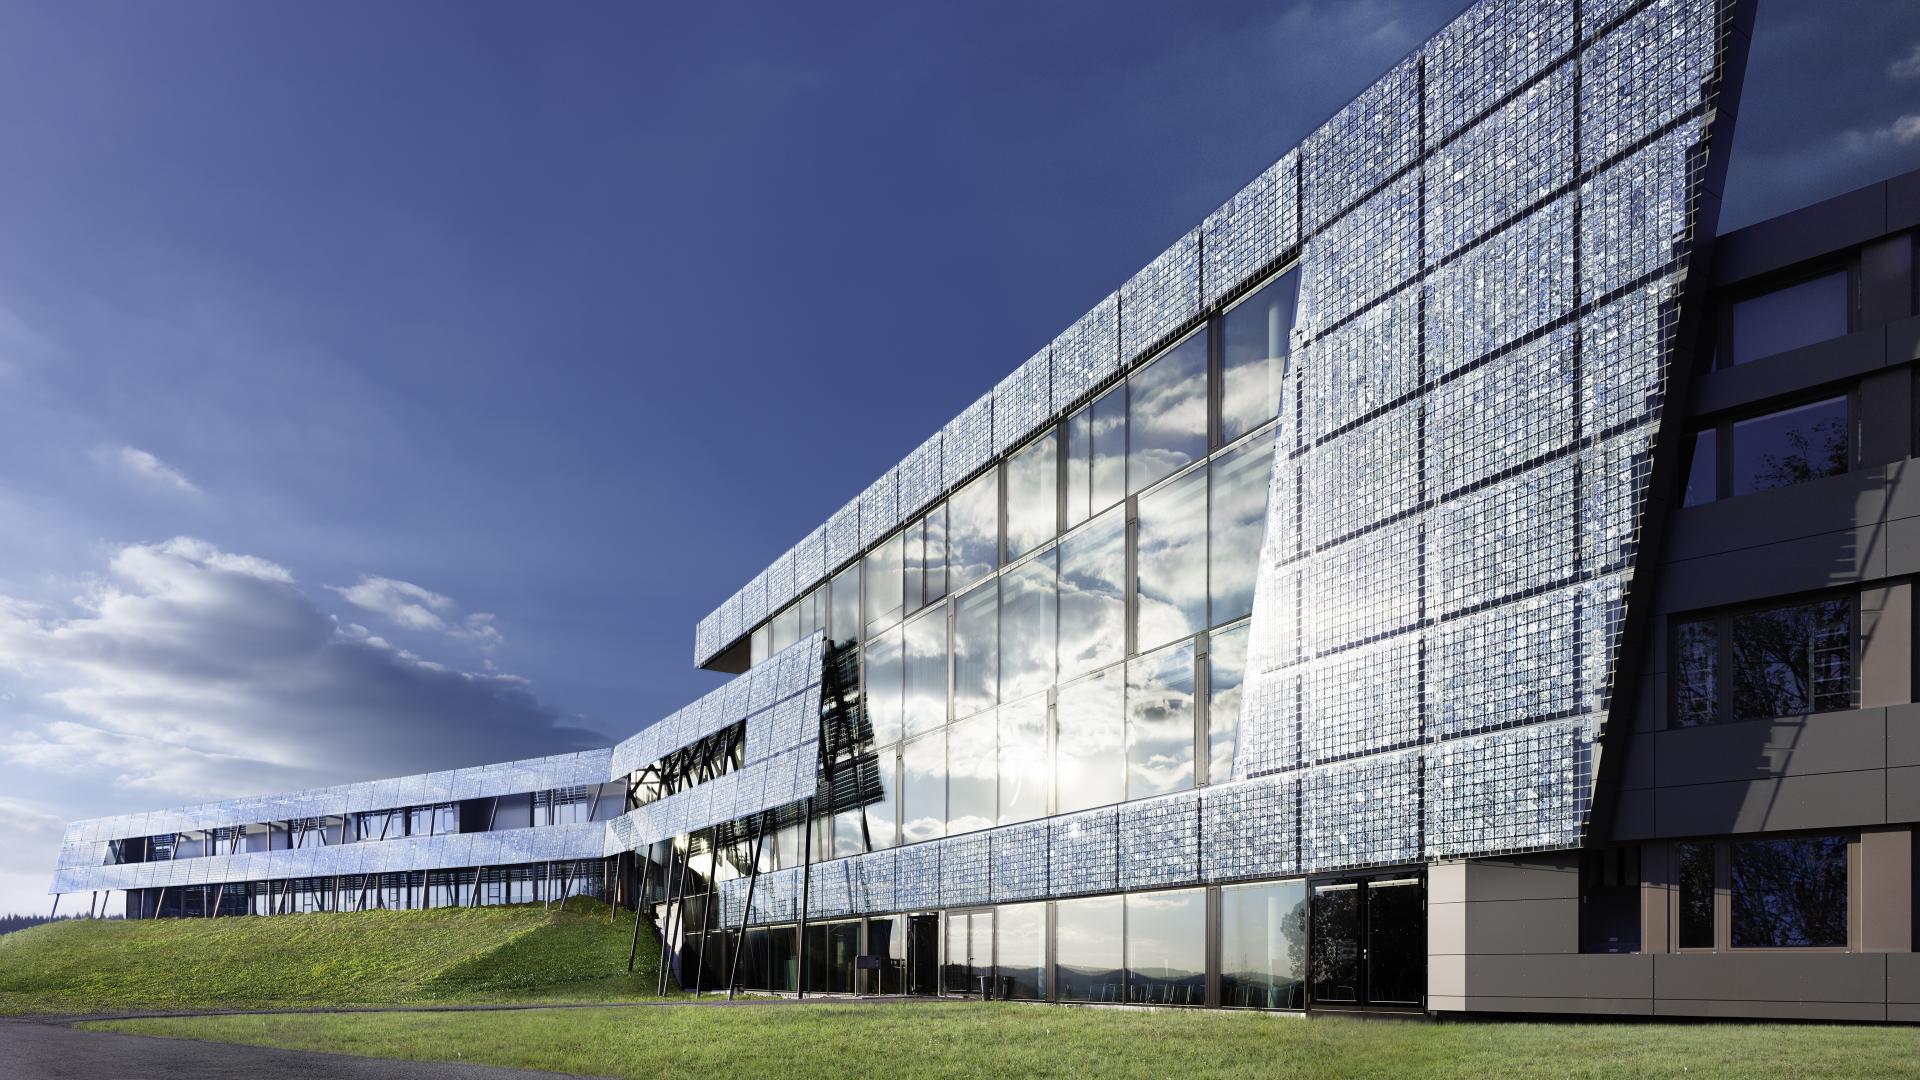 Hauptquartier der Firma Rena von SCHMELZLE+PARTNER